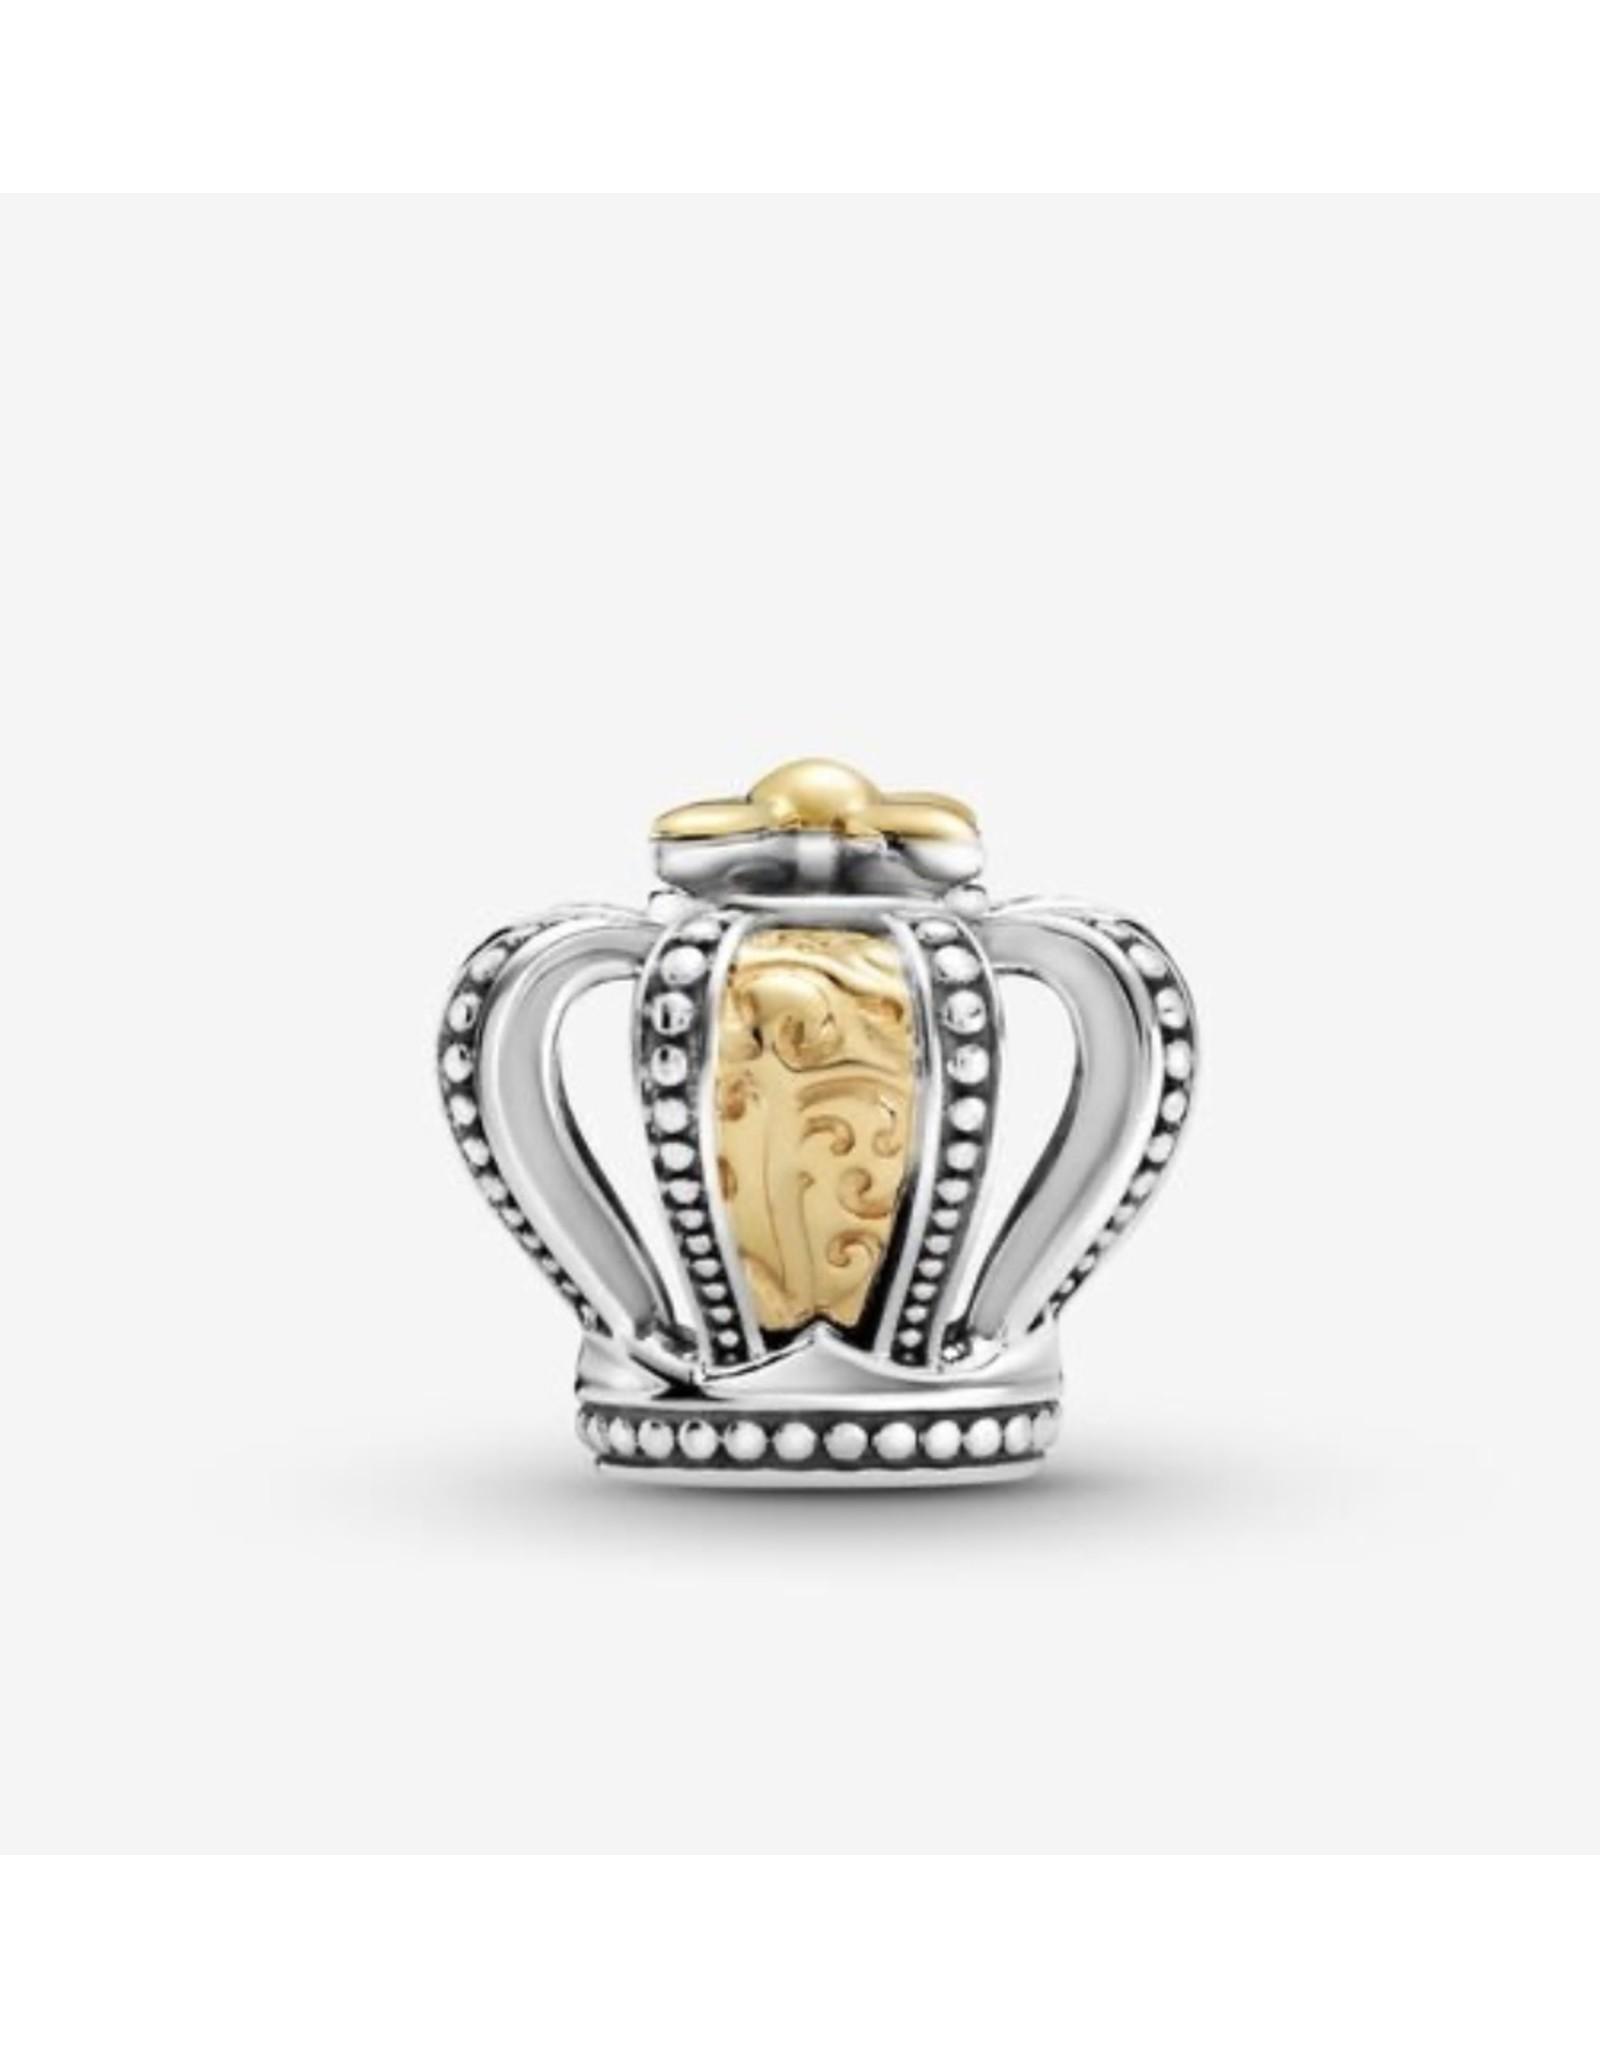 Pandora Pandora Charm,799340C00, Two-Tone Regal Crown, 14K Gold